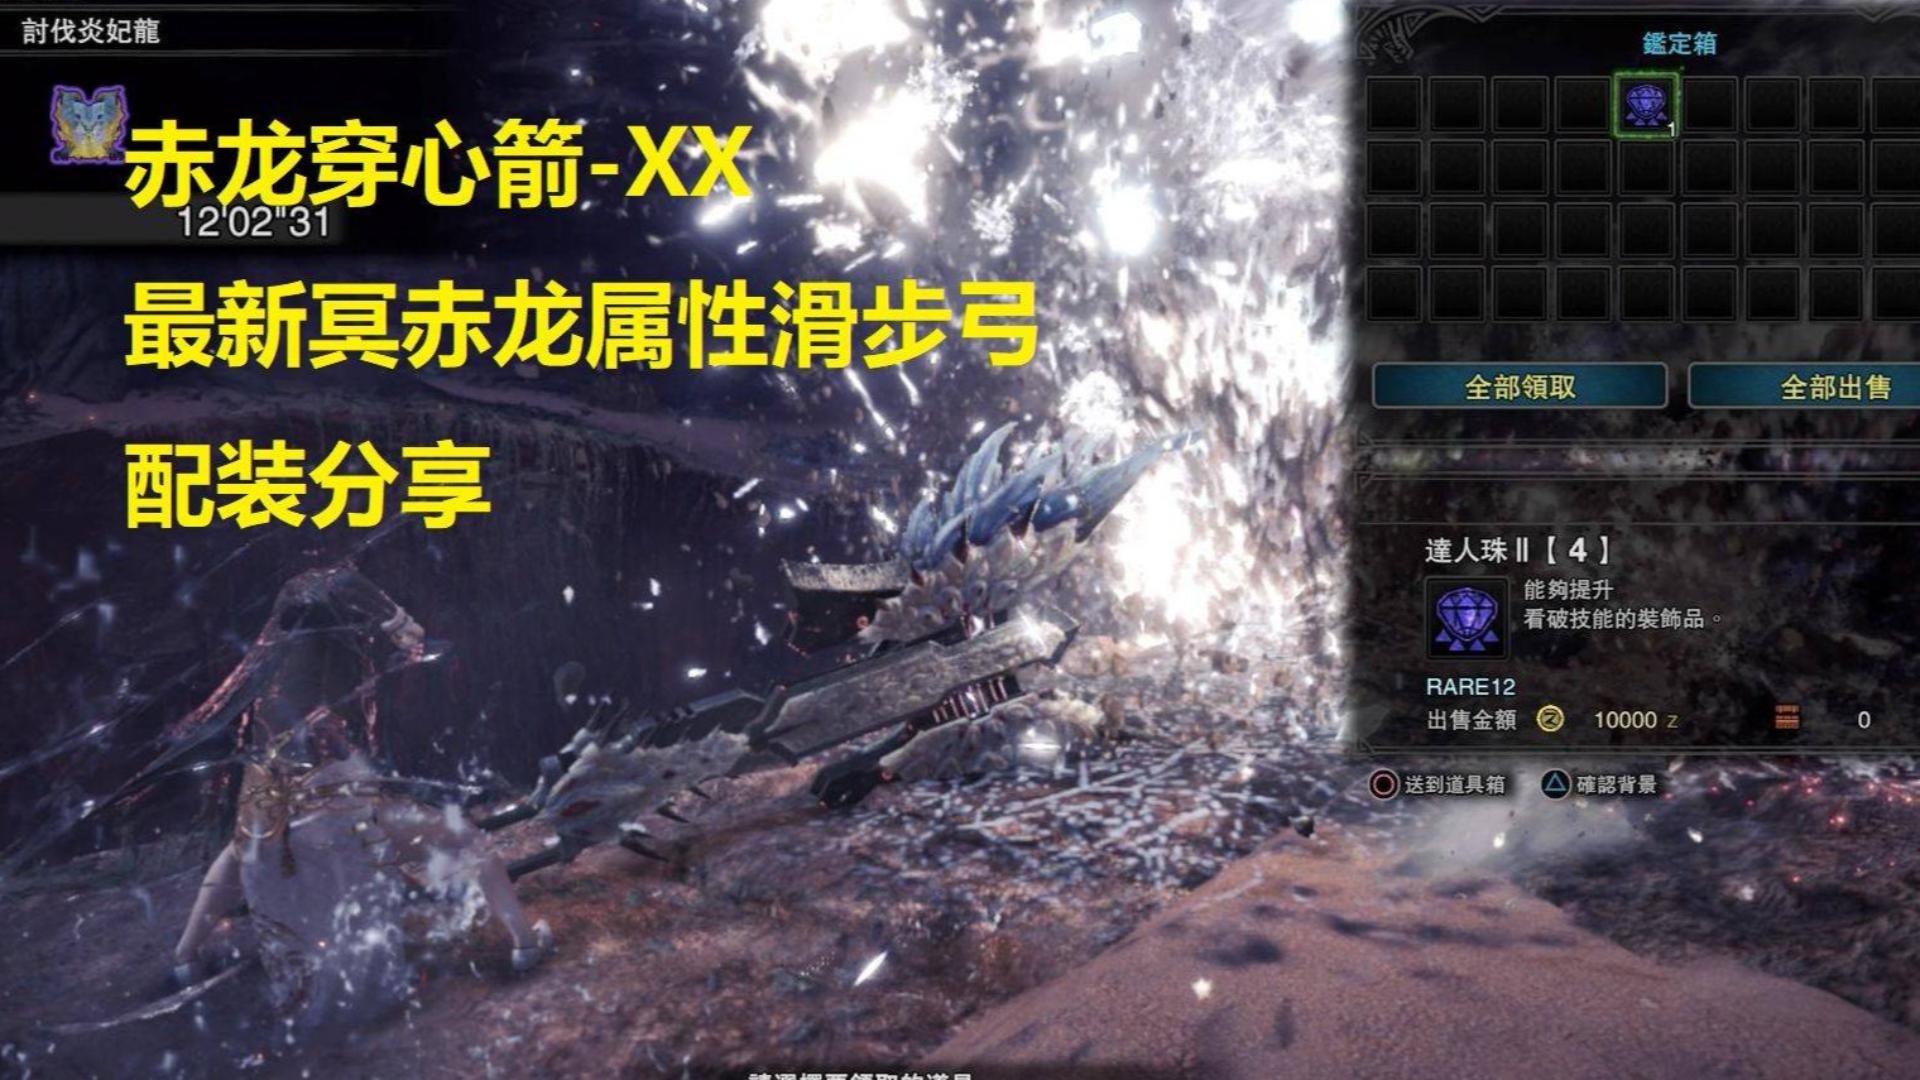 【怪物猎人世界:冰原】12.03最新属性弓配装分享